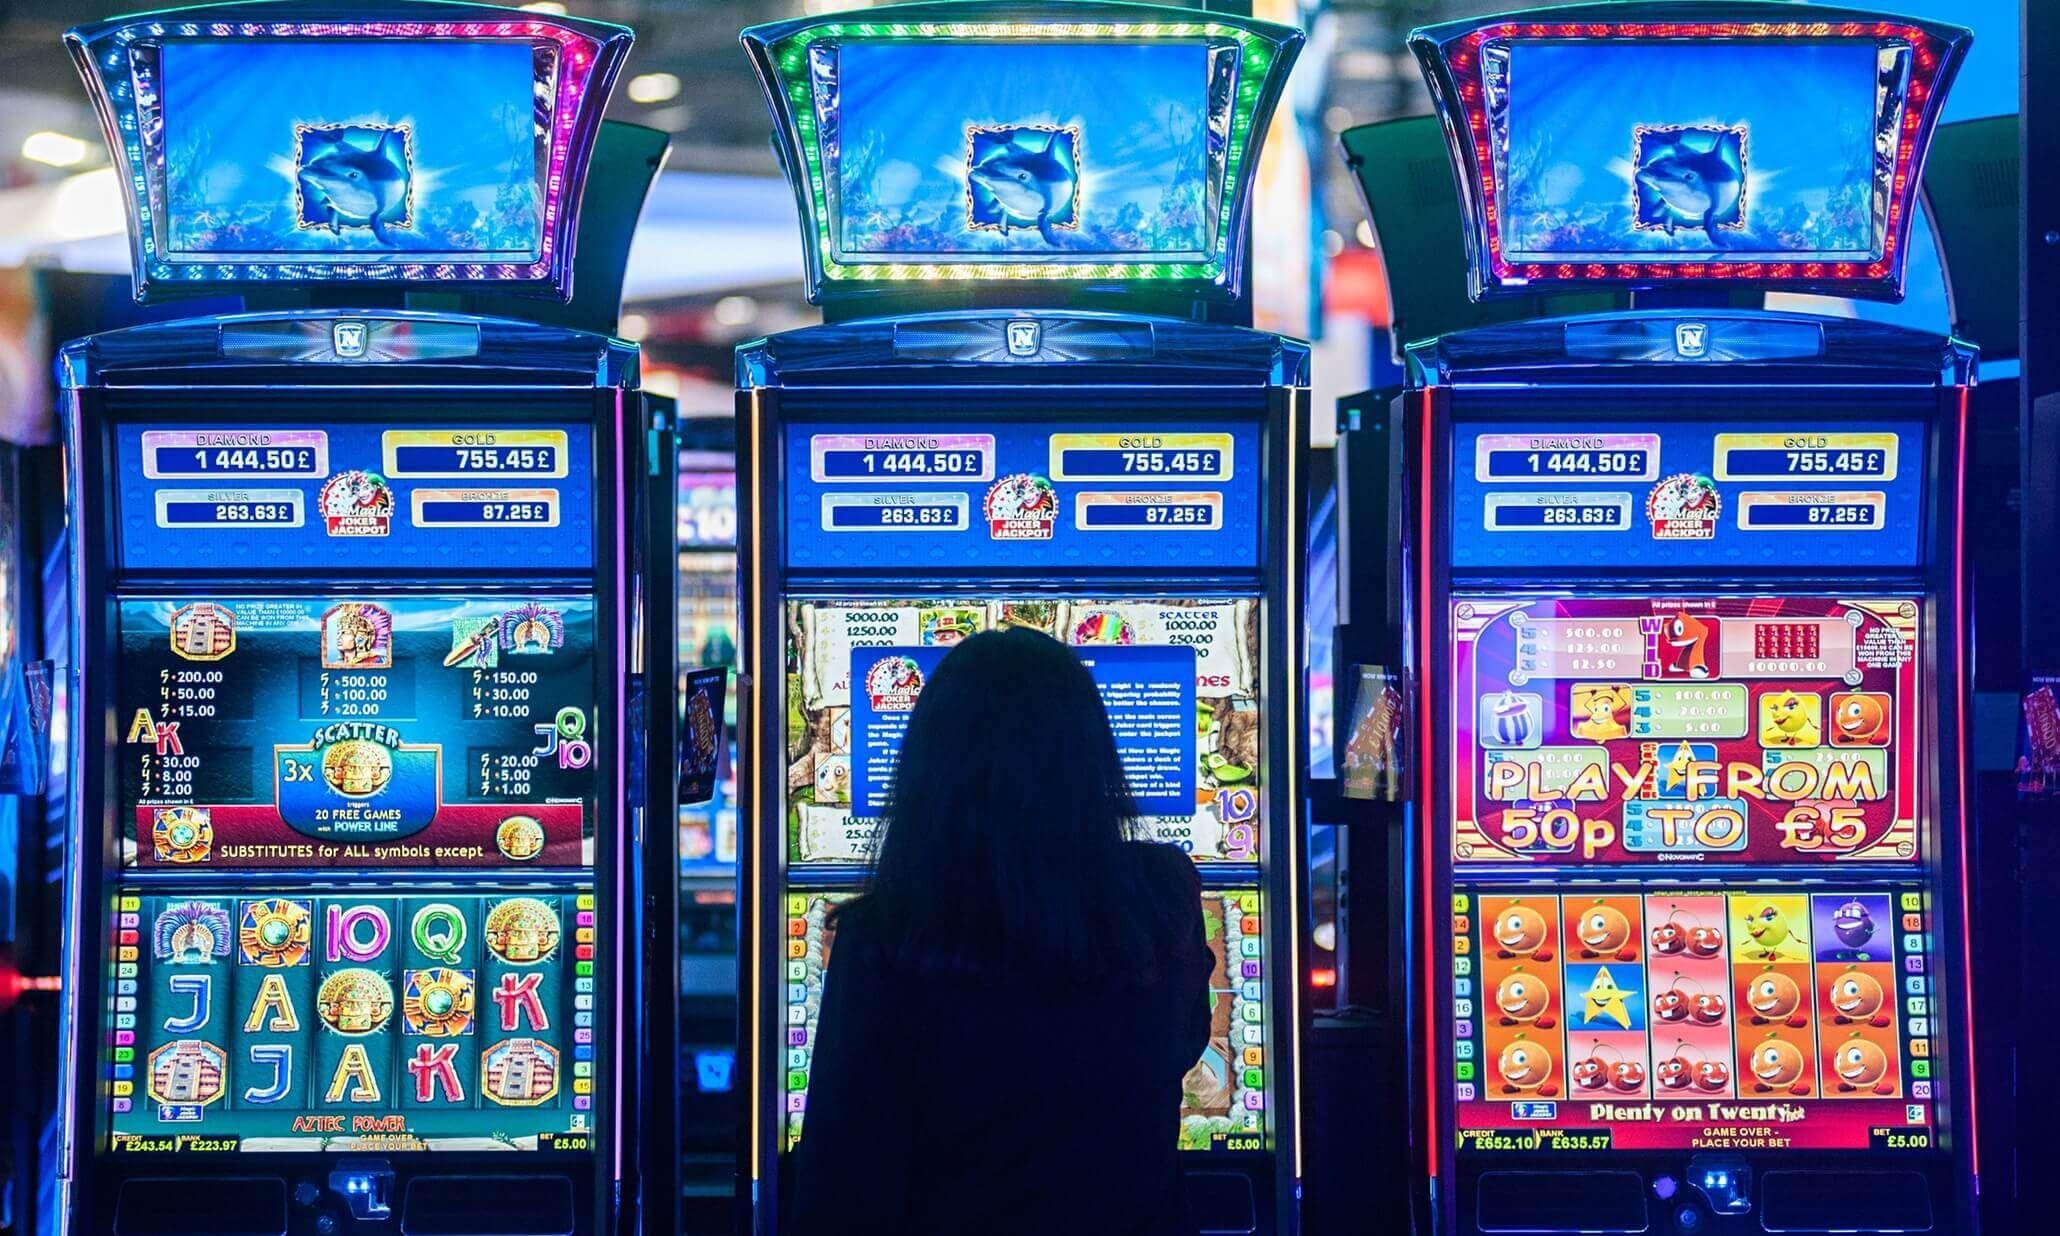 Казино на реальные деньги скачать бесплатно slot online casino for free